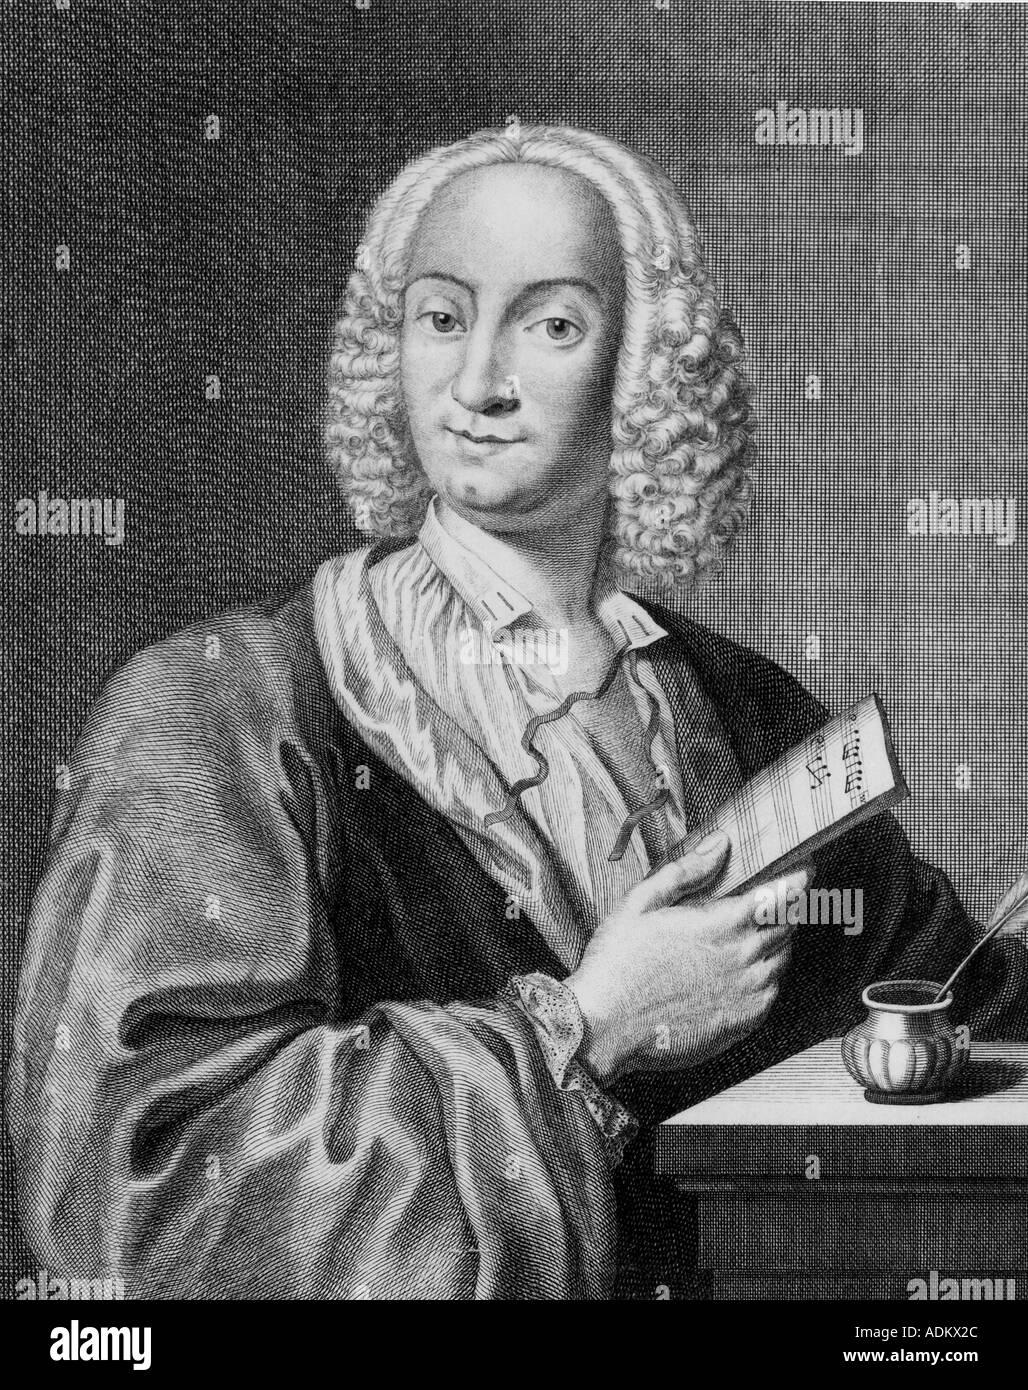 ANTONIO VIVALDI Italian musician 1678 1741 - Stock Image